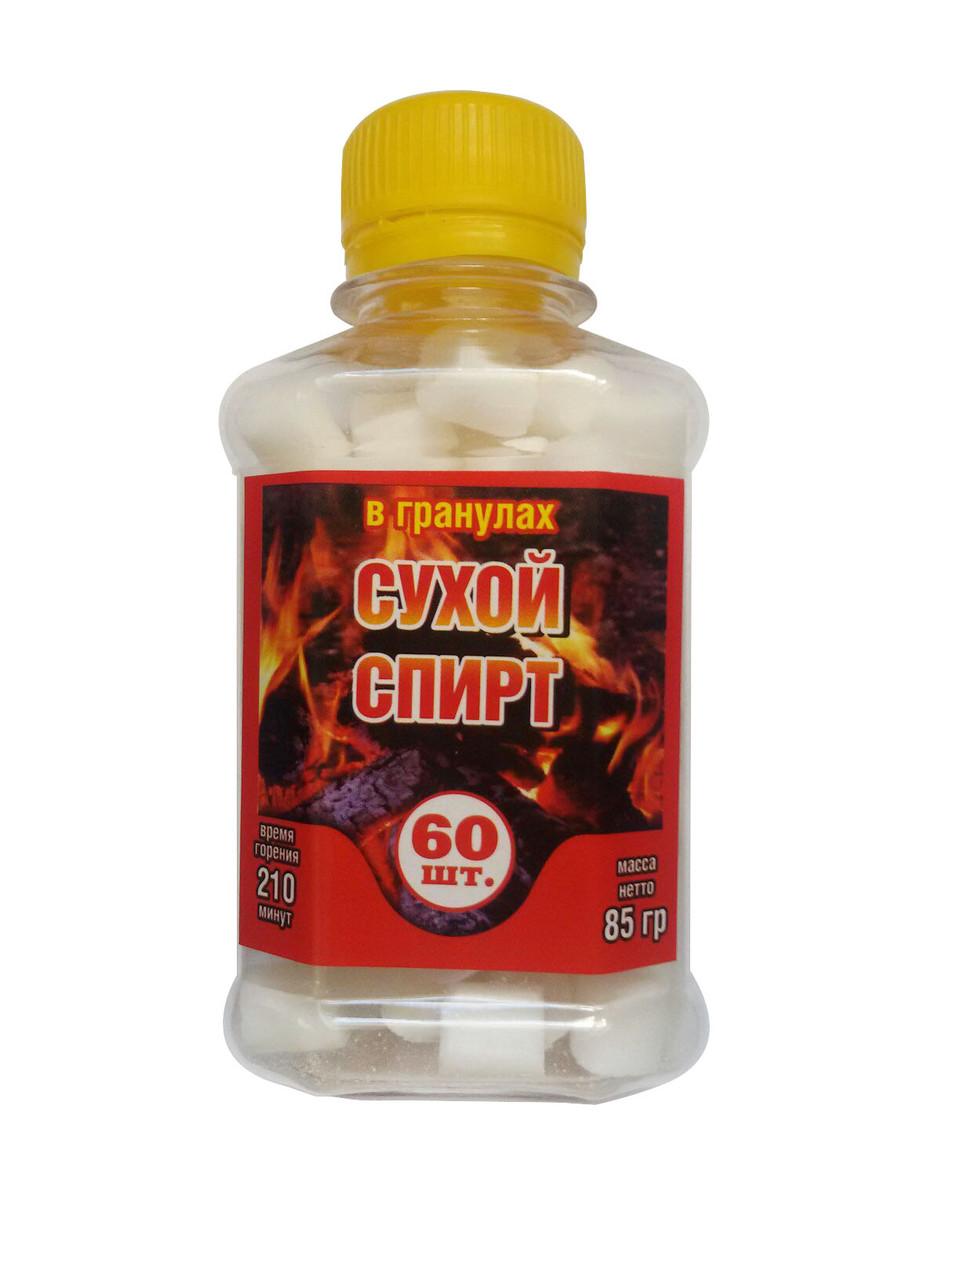 Сухое горючее в гранулах, сухой спирт (60 шт)